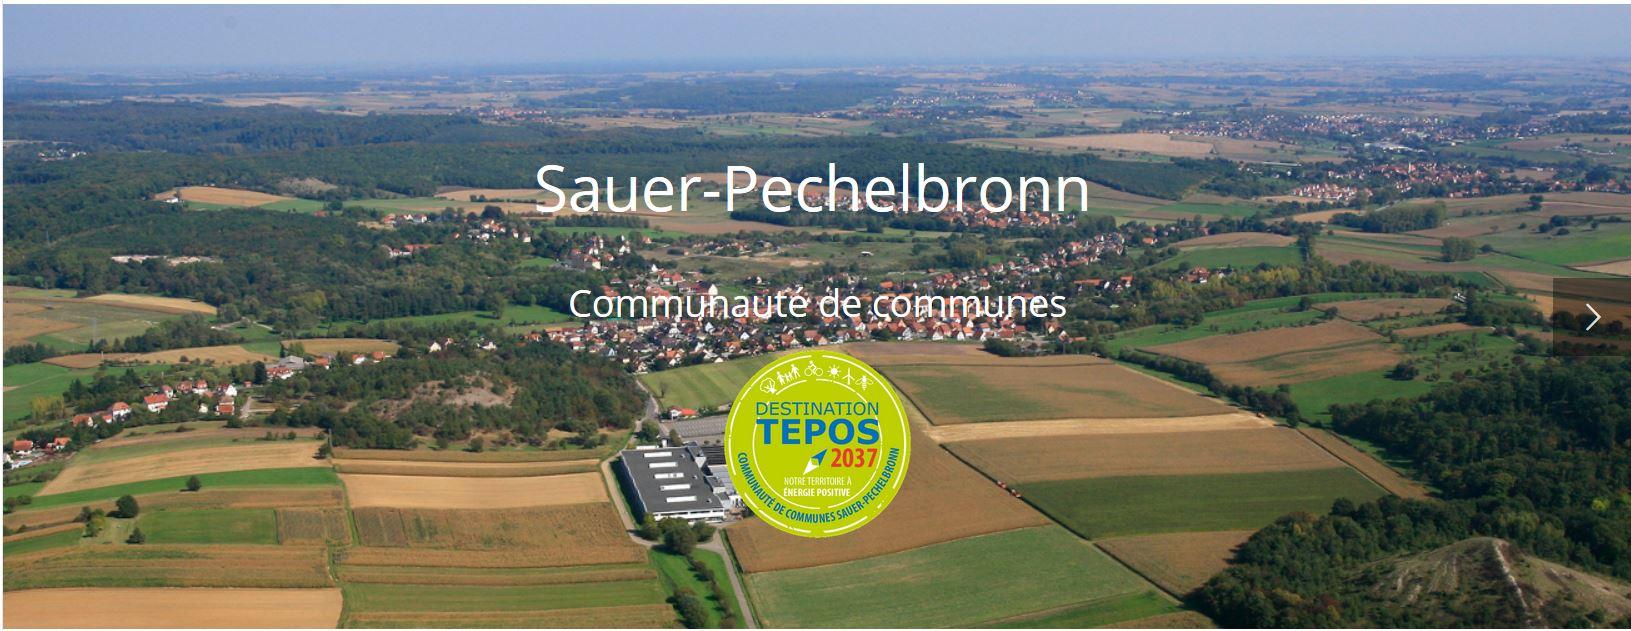 Workshops design/architecture à Sauer-Pechelbronn